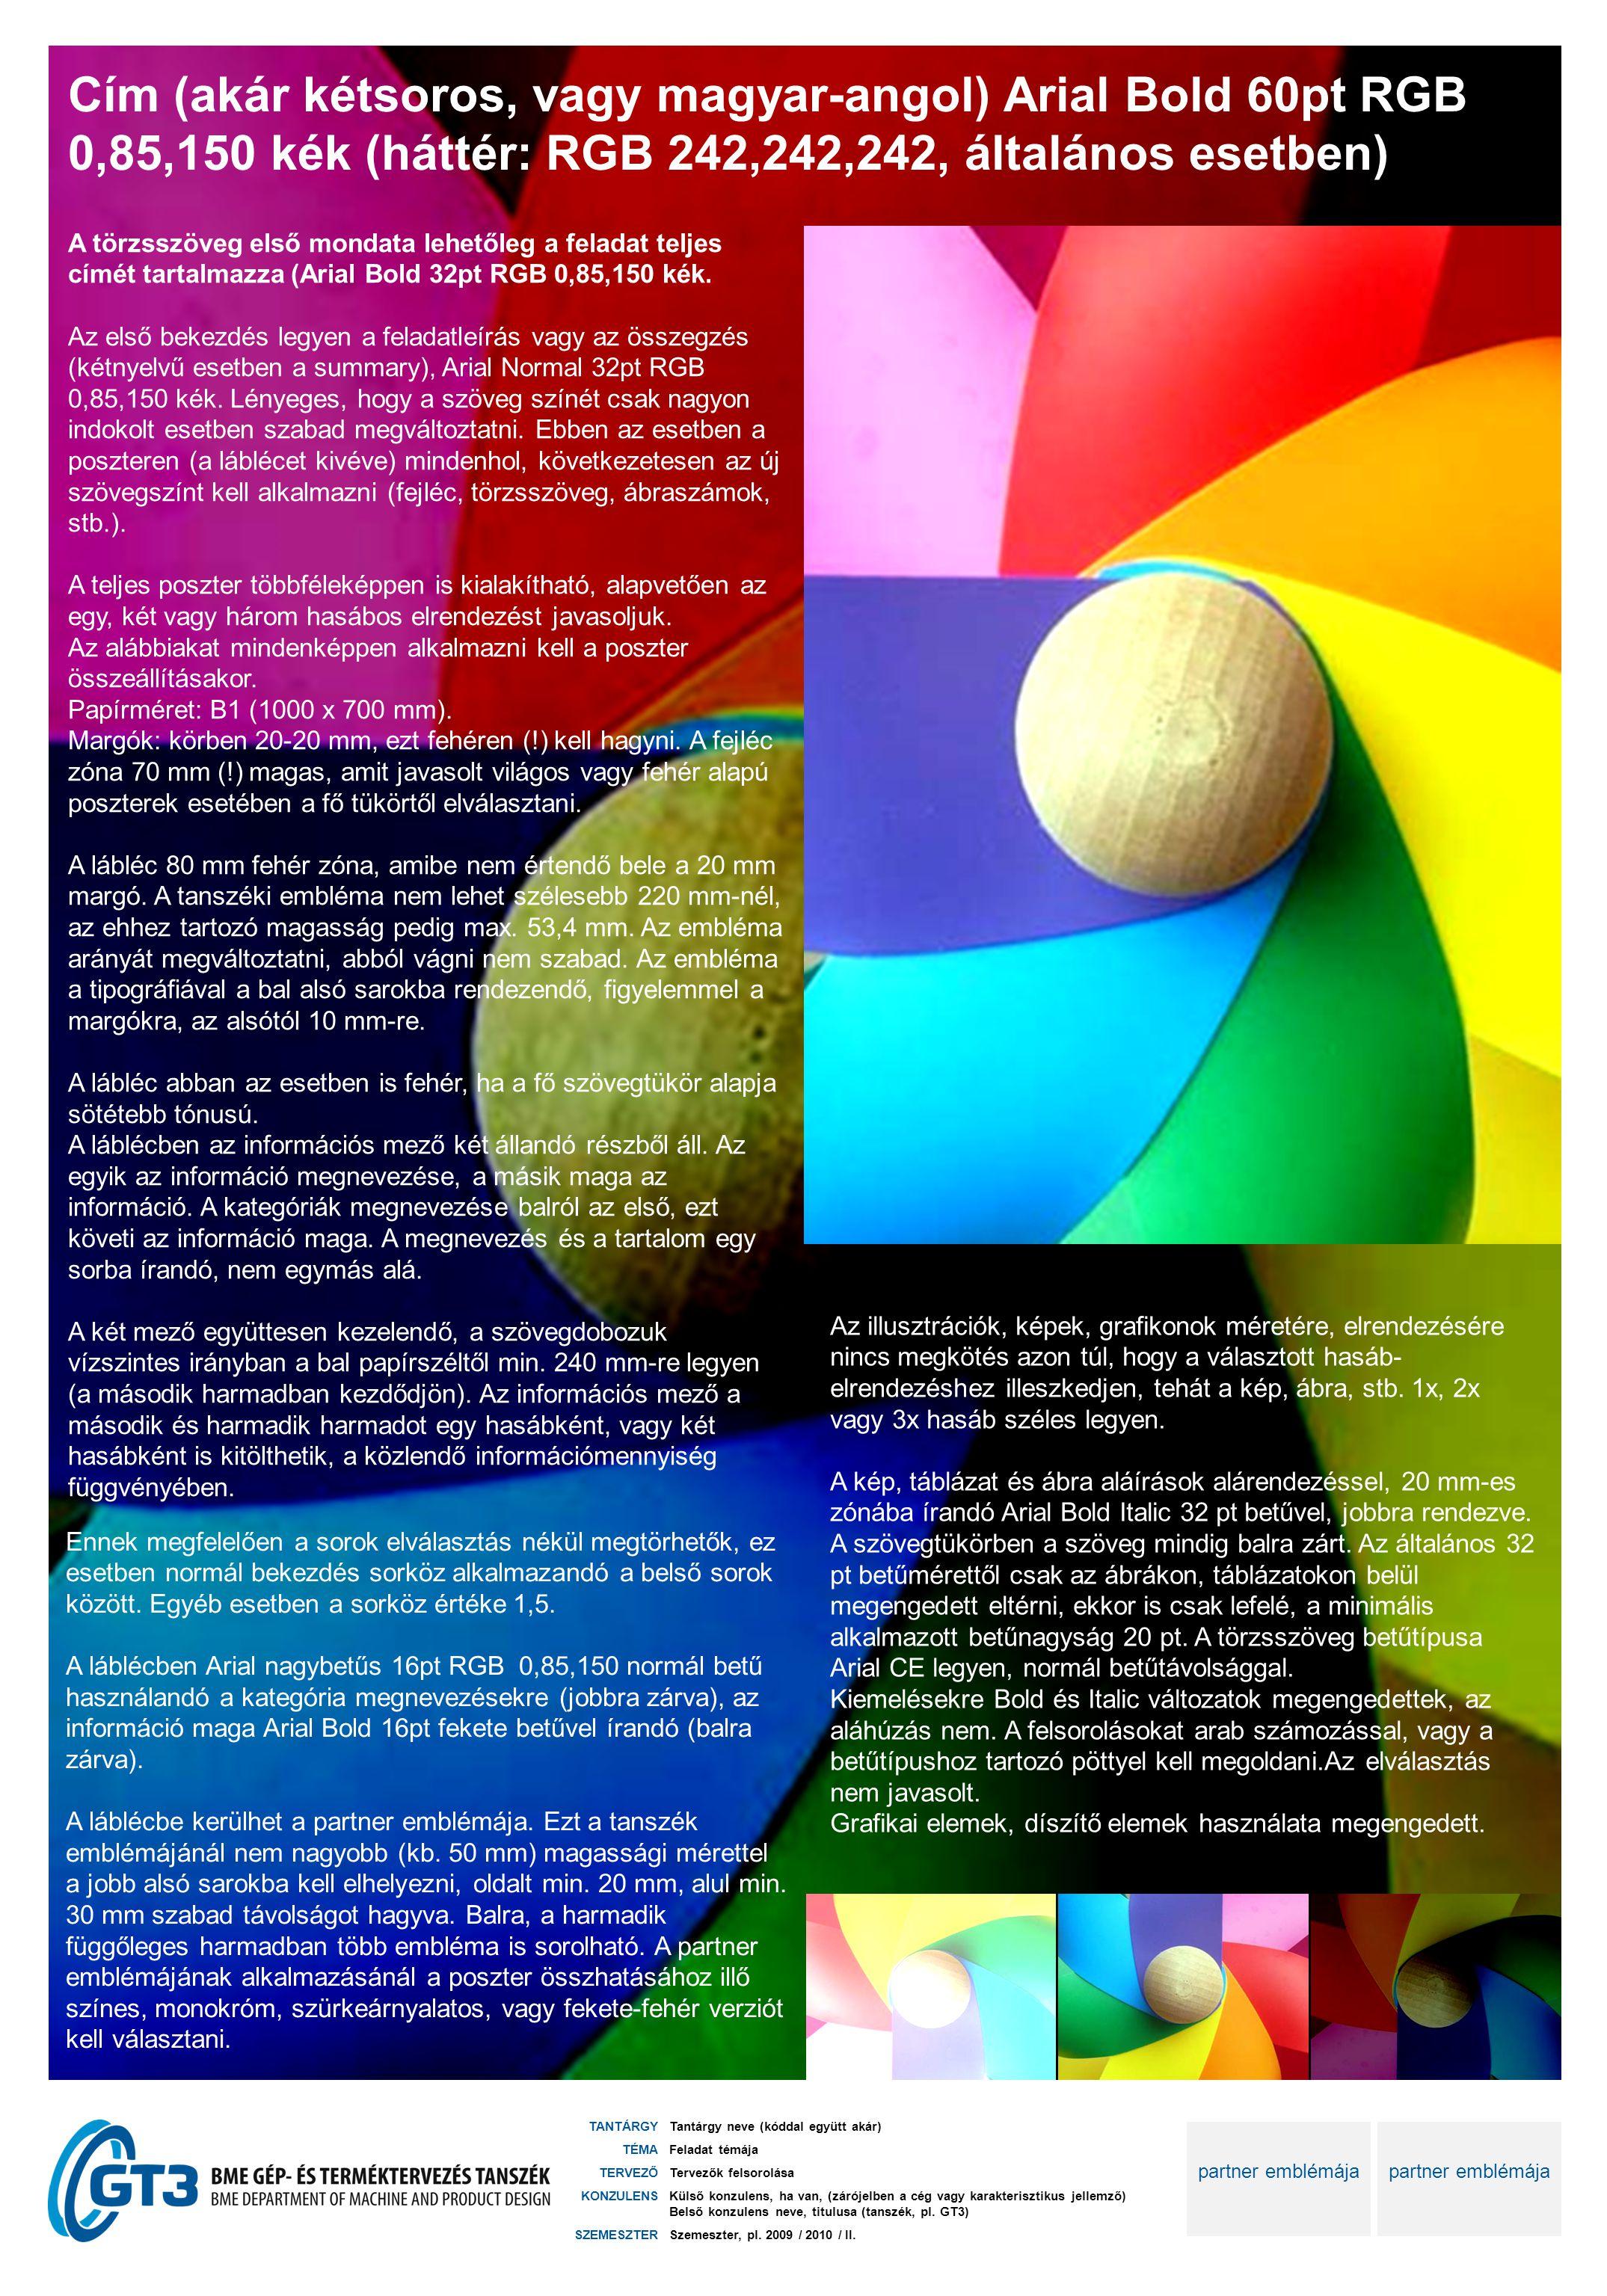 Cím (akár kétsoros, vagy magyar-angol) Arial Bold 60pt RGB 0,85,150 kék (háttér: RGB 242,242,242, általános esetben) TANTÁRGY TÉMA TERVEZŐ KONZULENS S